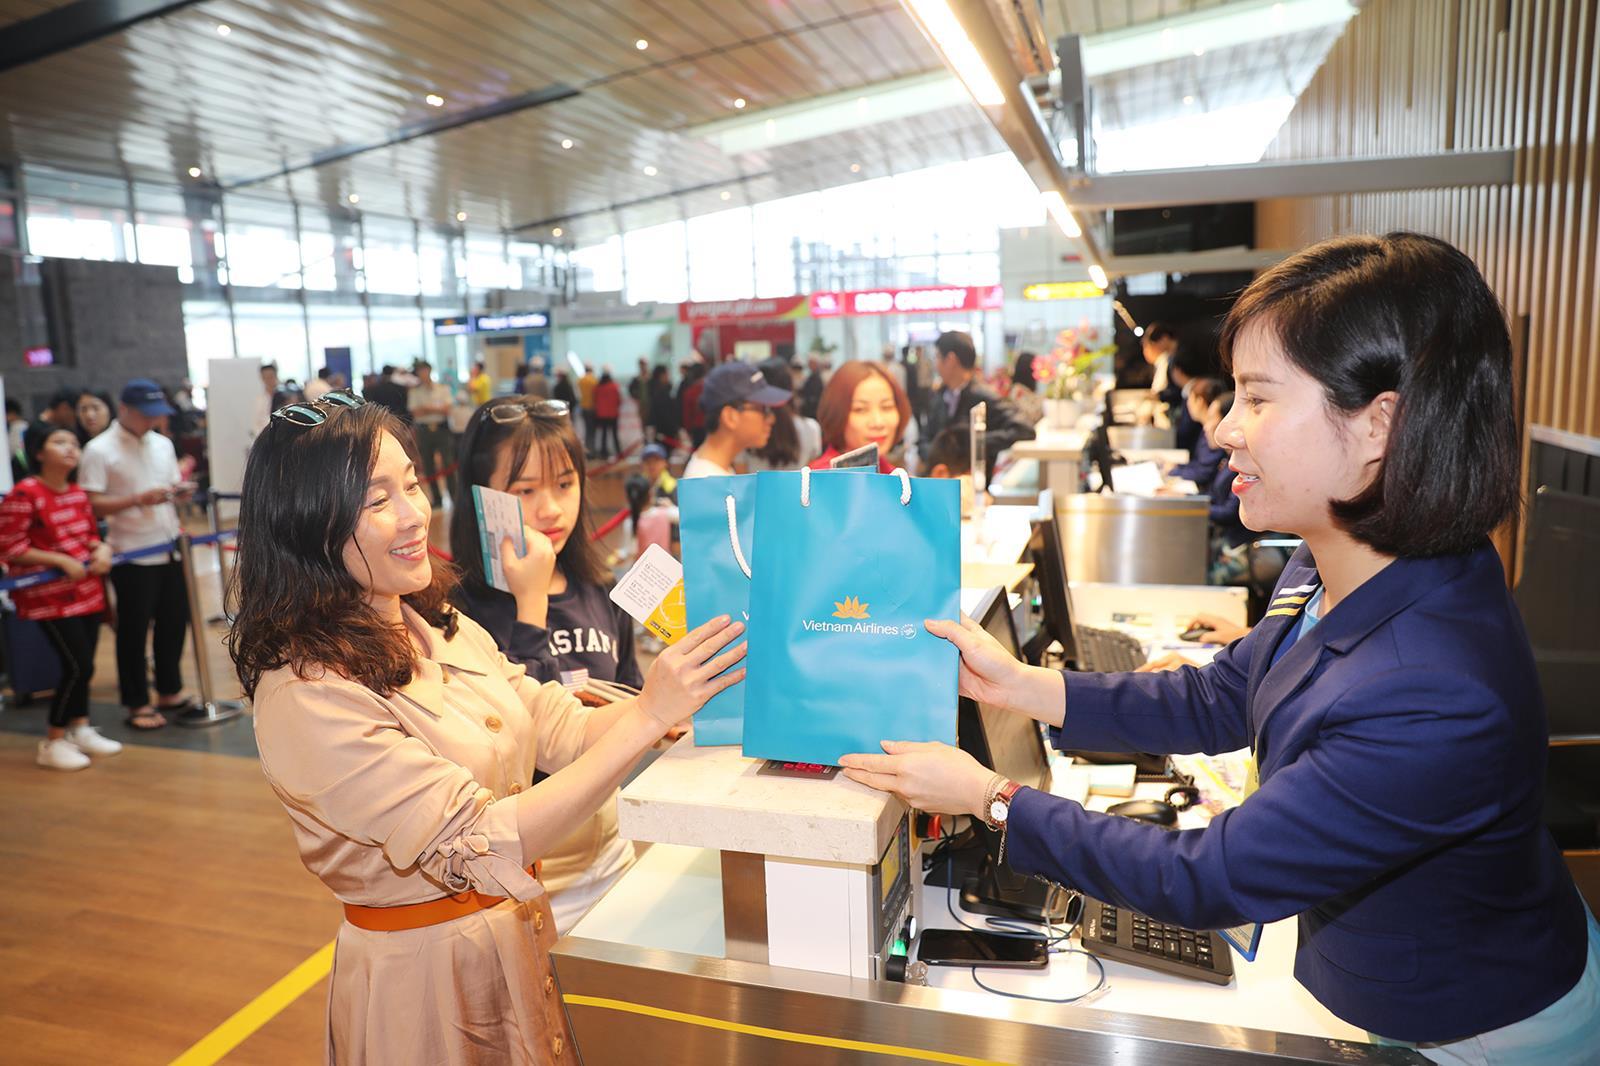 Chuyến bay đầu tiên từ Đà Nẵng cập Cảng hàng không quốc tế Vân Đồn  - Ảnh 3